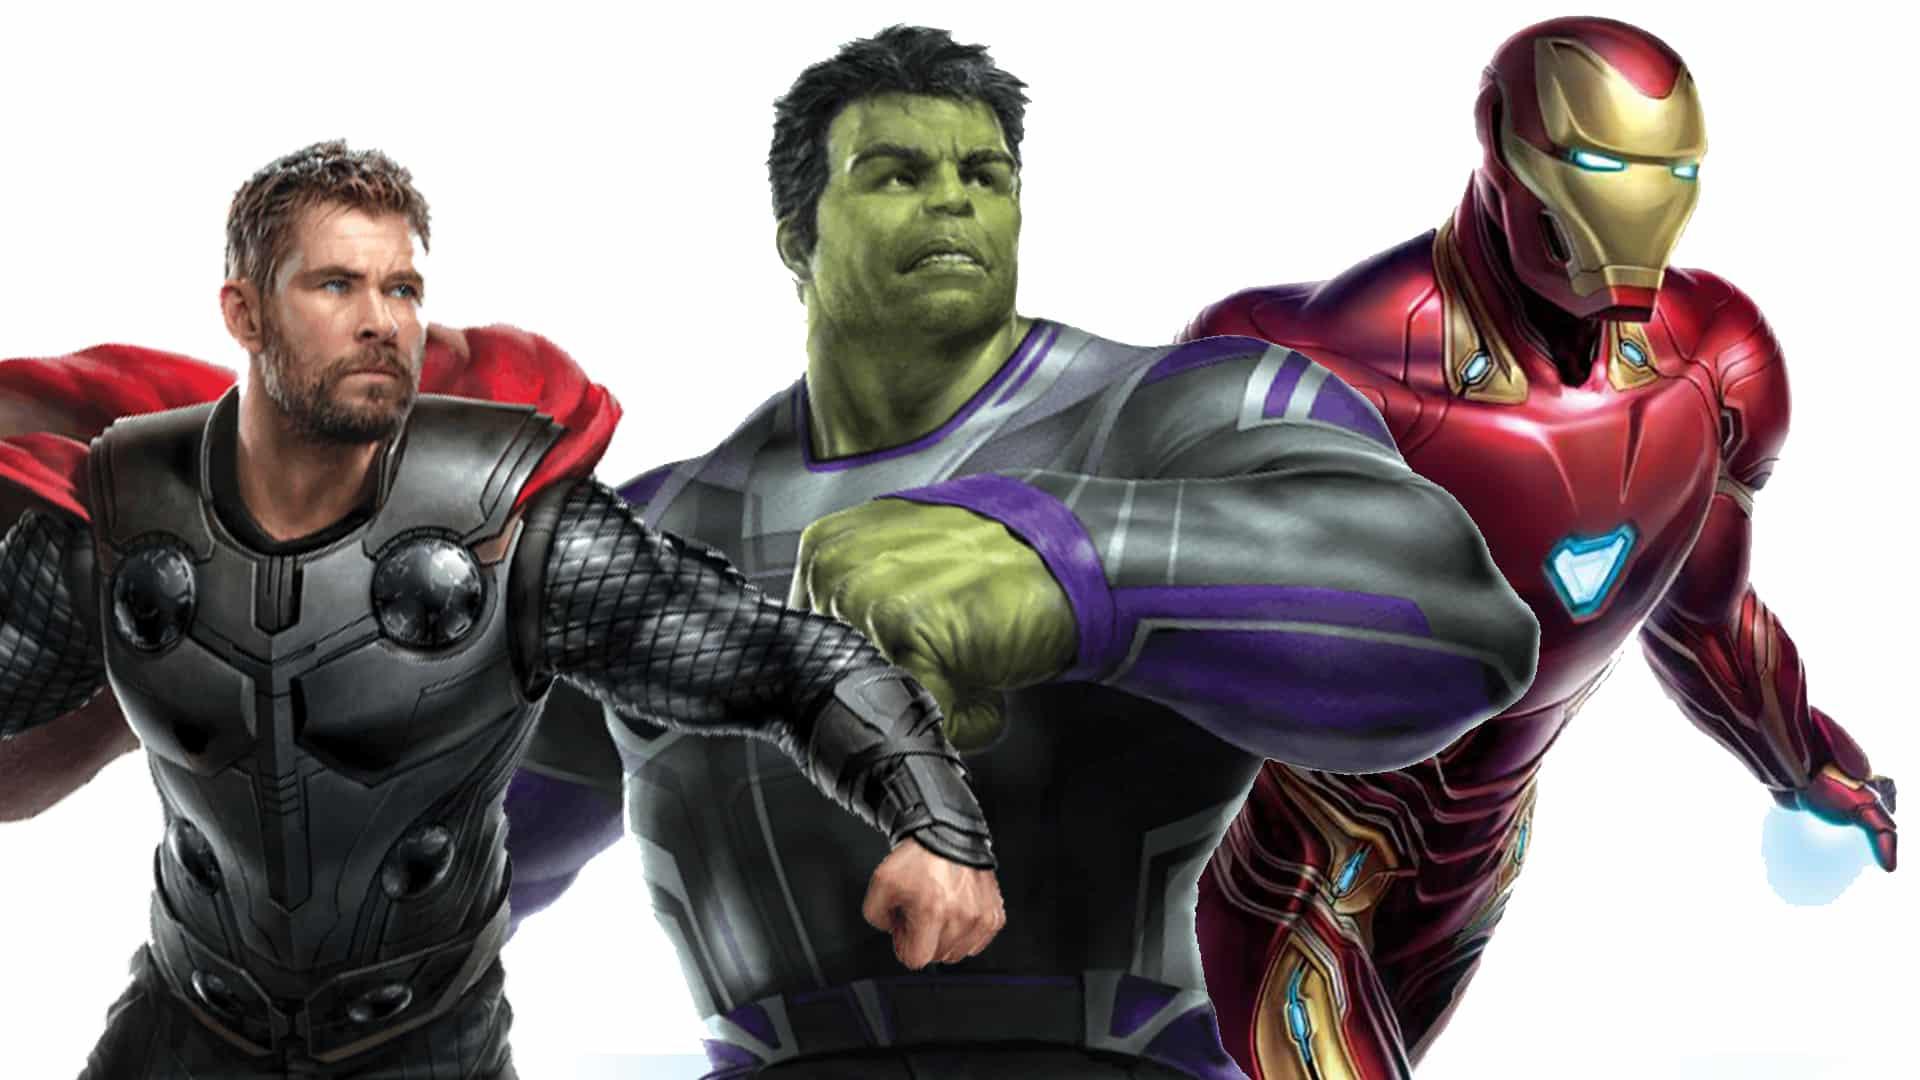 Takto budú vyzerať hrdinovia filmu Avengers 4